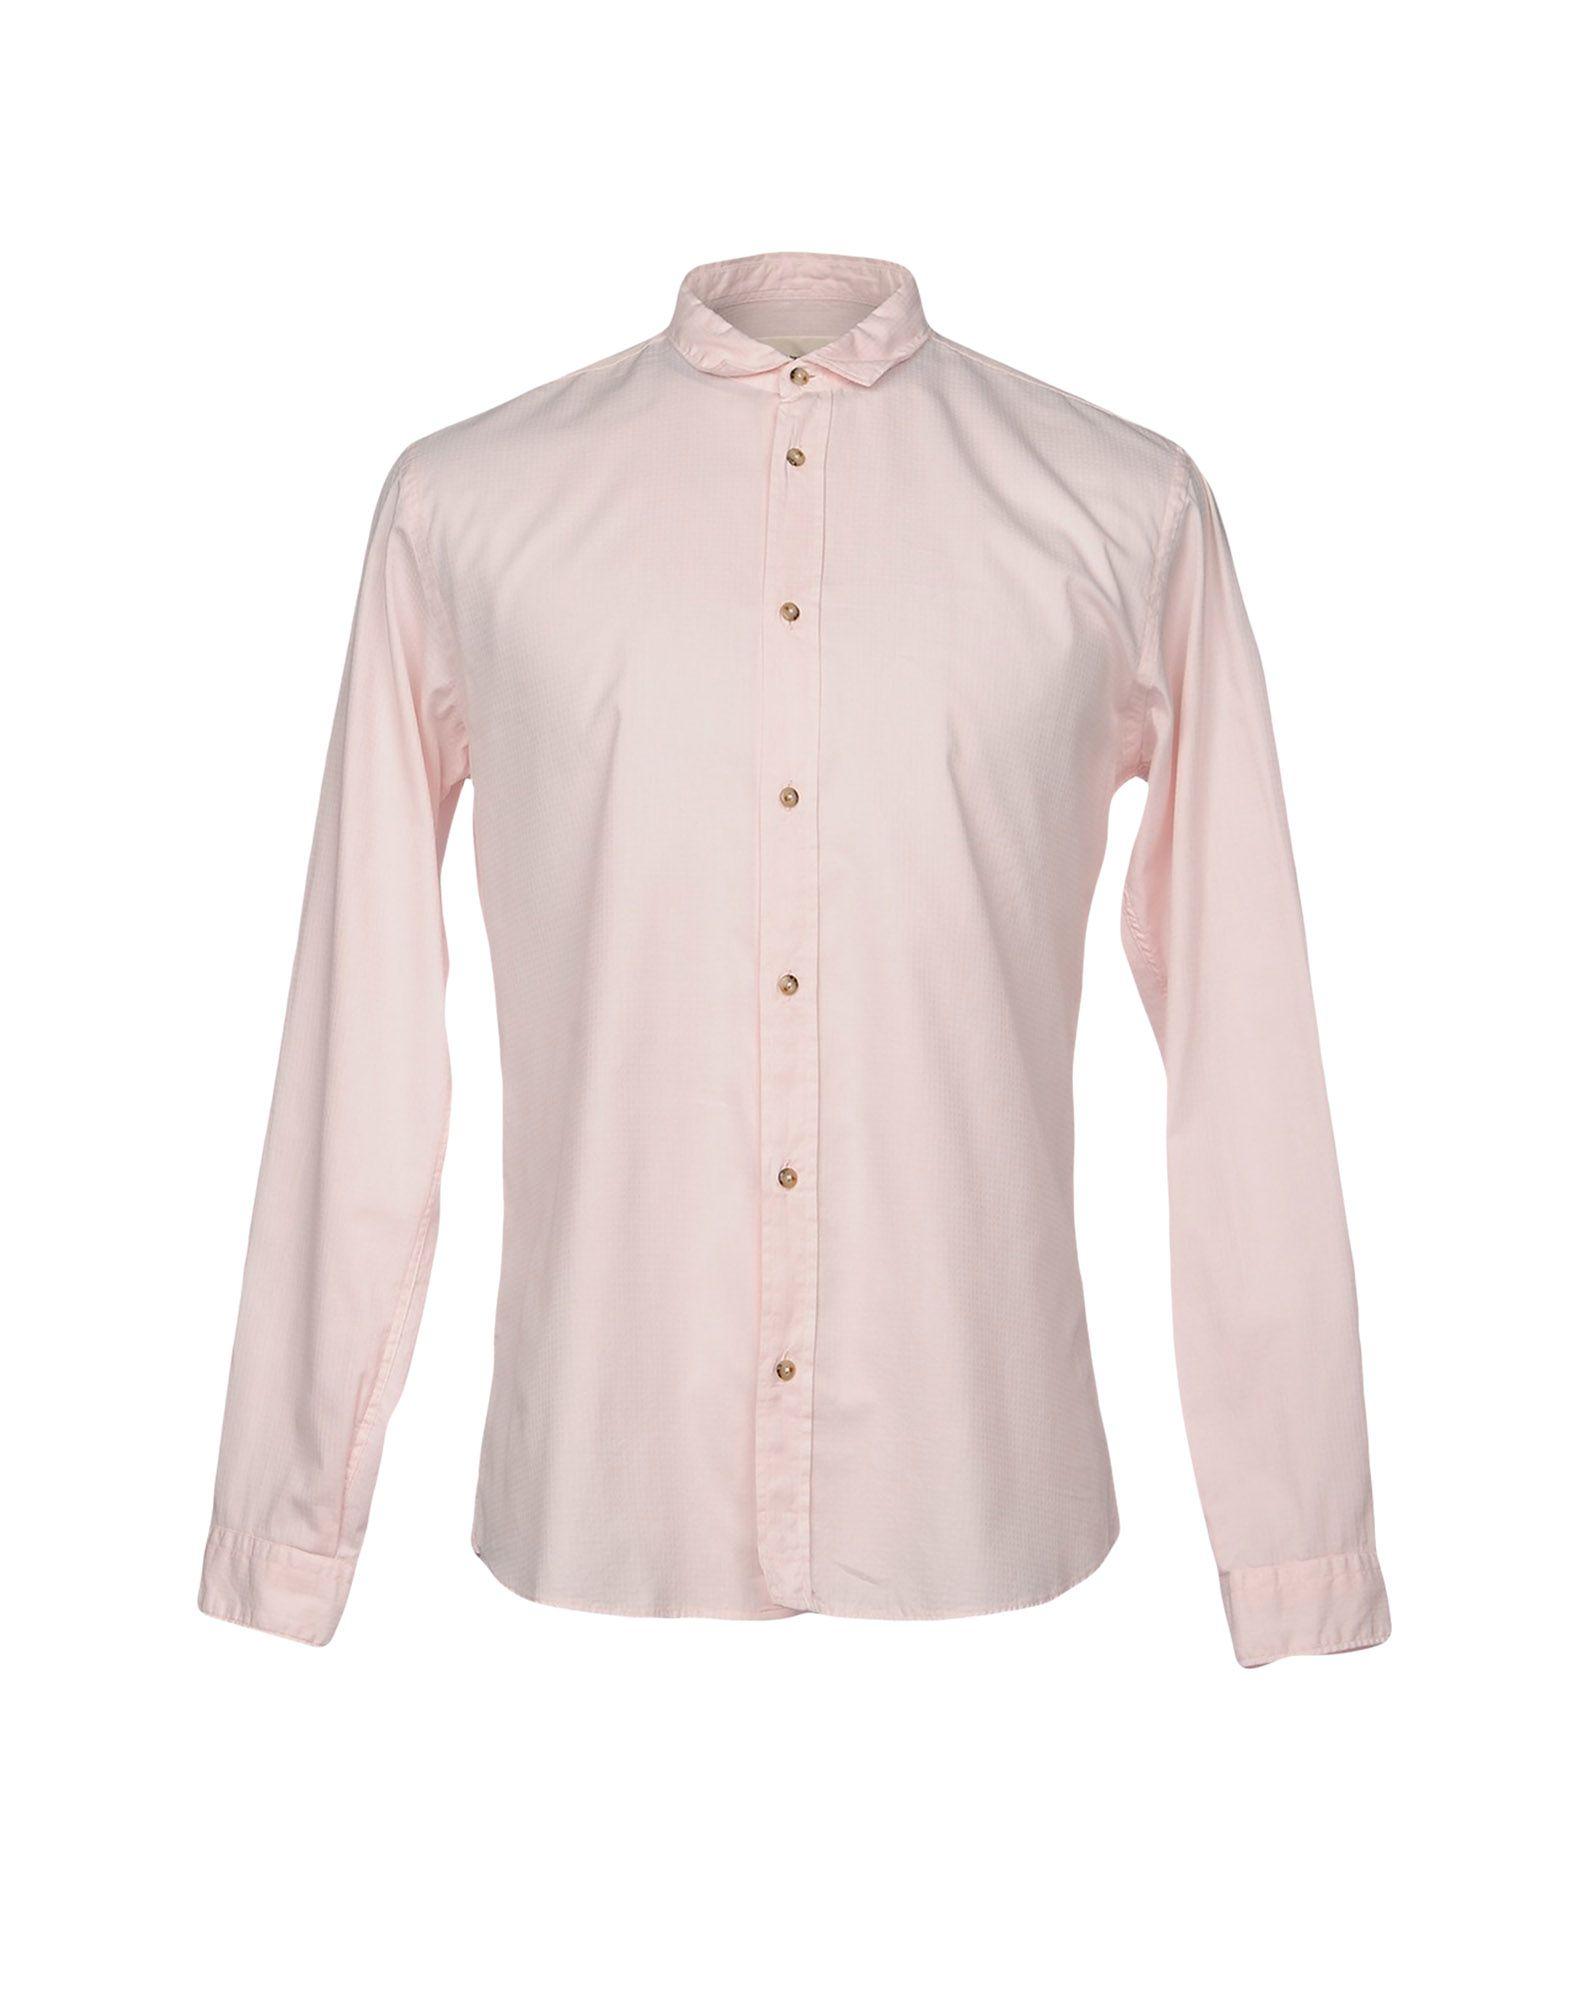 《送料無料》,BEAUCOUP メンズ シャツ ピンク XL コットン 100%